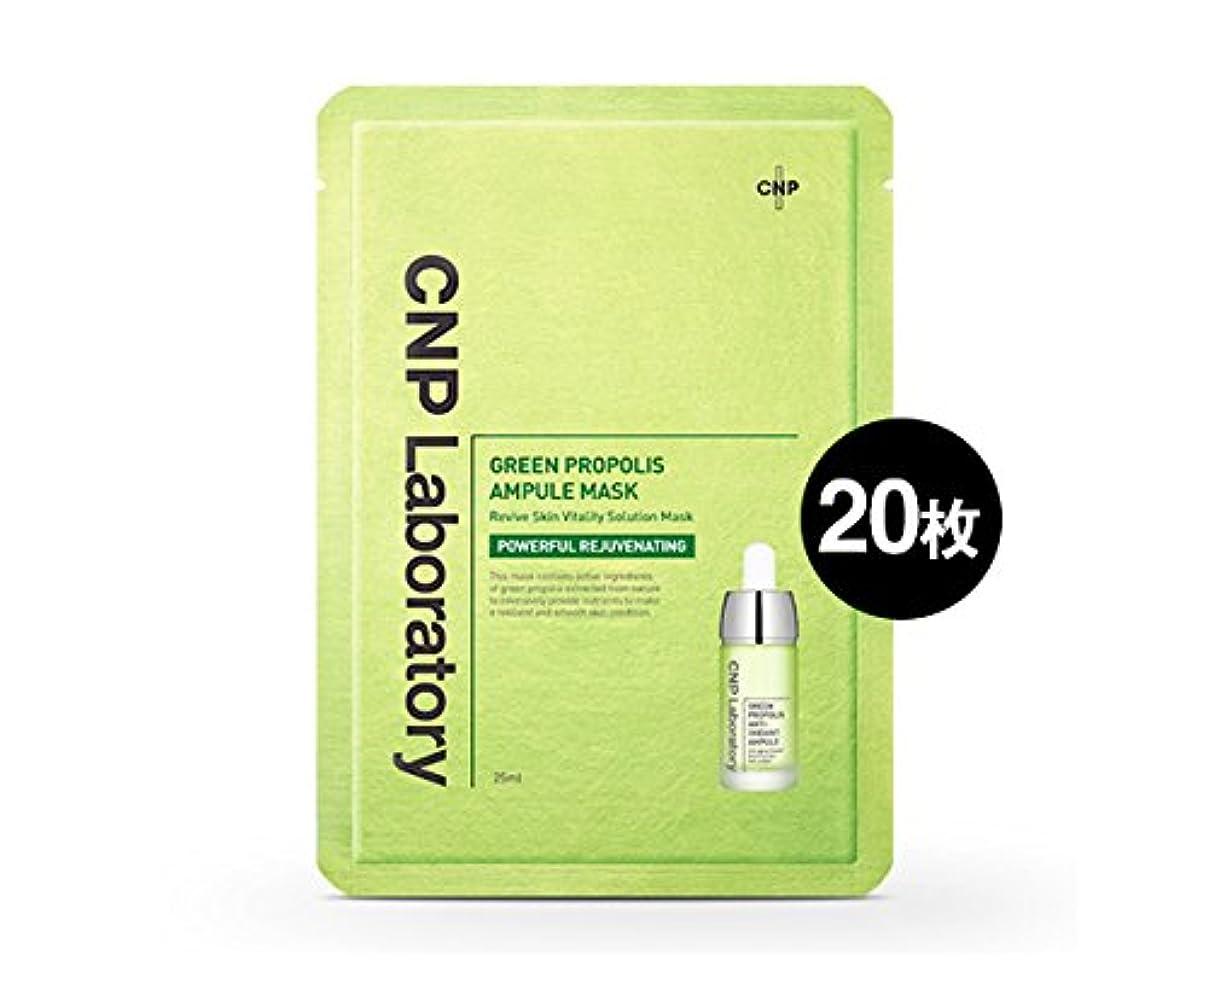 暴動翻訳財団(チャアンドパク) CNP GREEN PROPOLIS AMPLUE MASK グリーンプロポリスアンプルマスク 25ml x 20枚セット (並行輸入品)